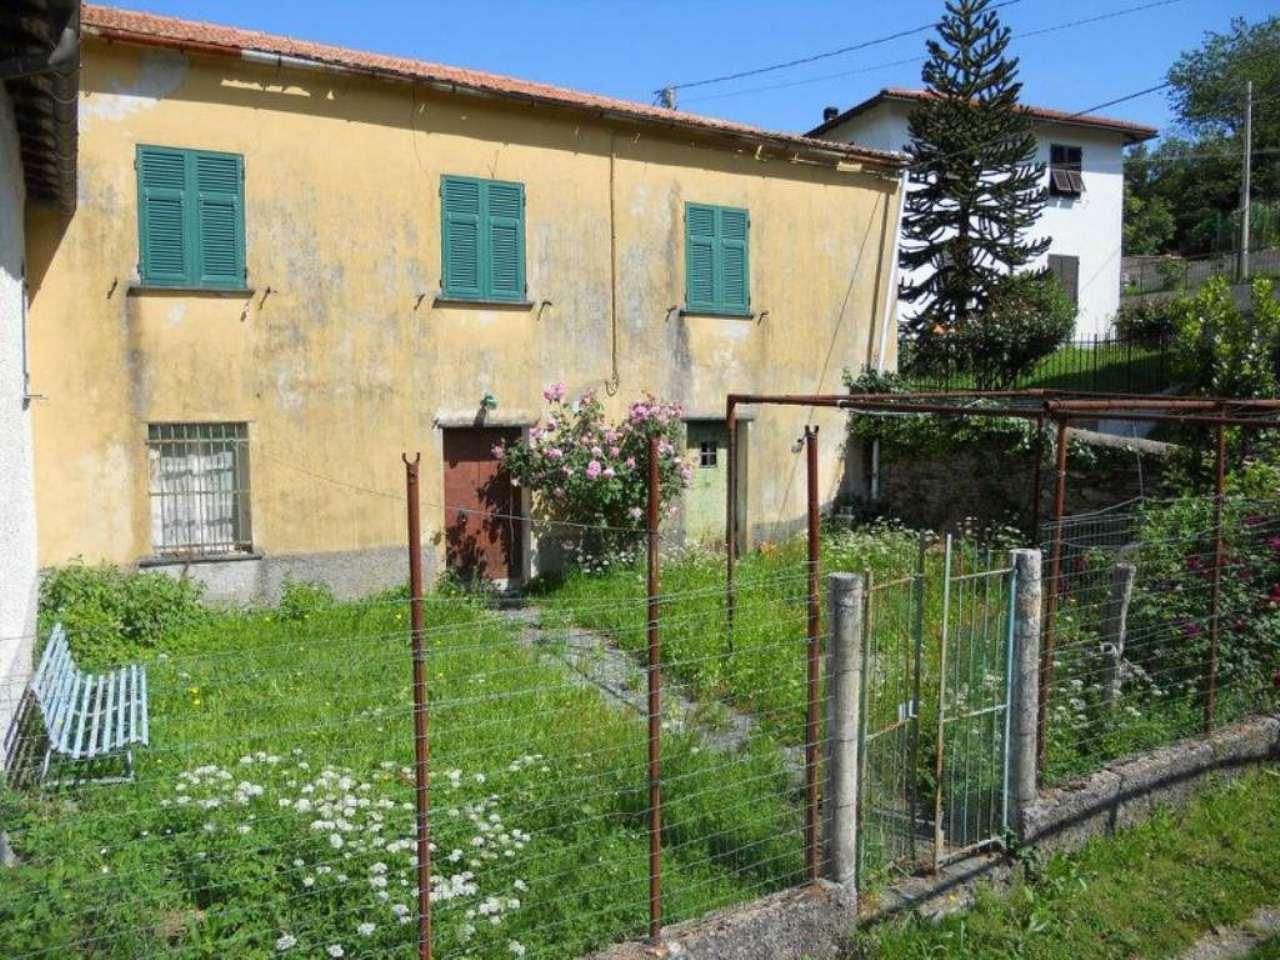 Soluzione Indipendente in vendita a Bargagli, 6 locali, prezzo € 79.000 | Cambio Casa.it